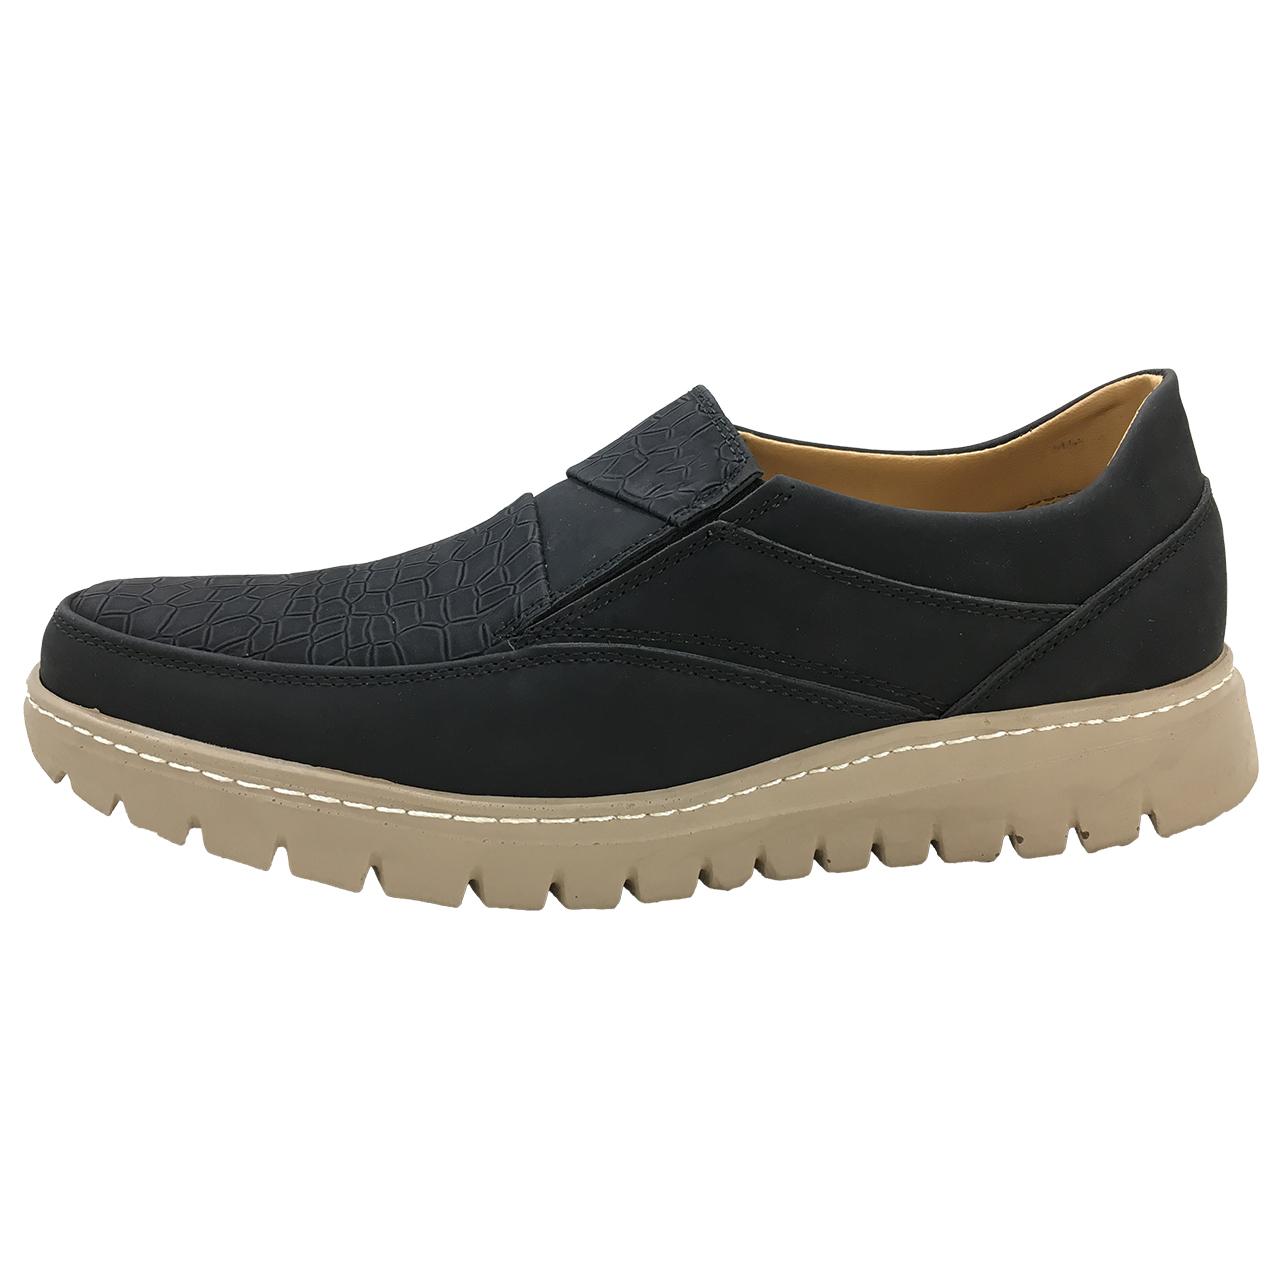 کفش مردانه مدل بست کد 2578